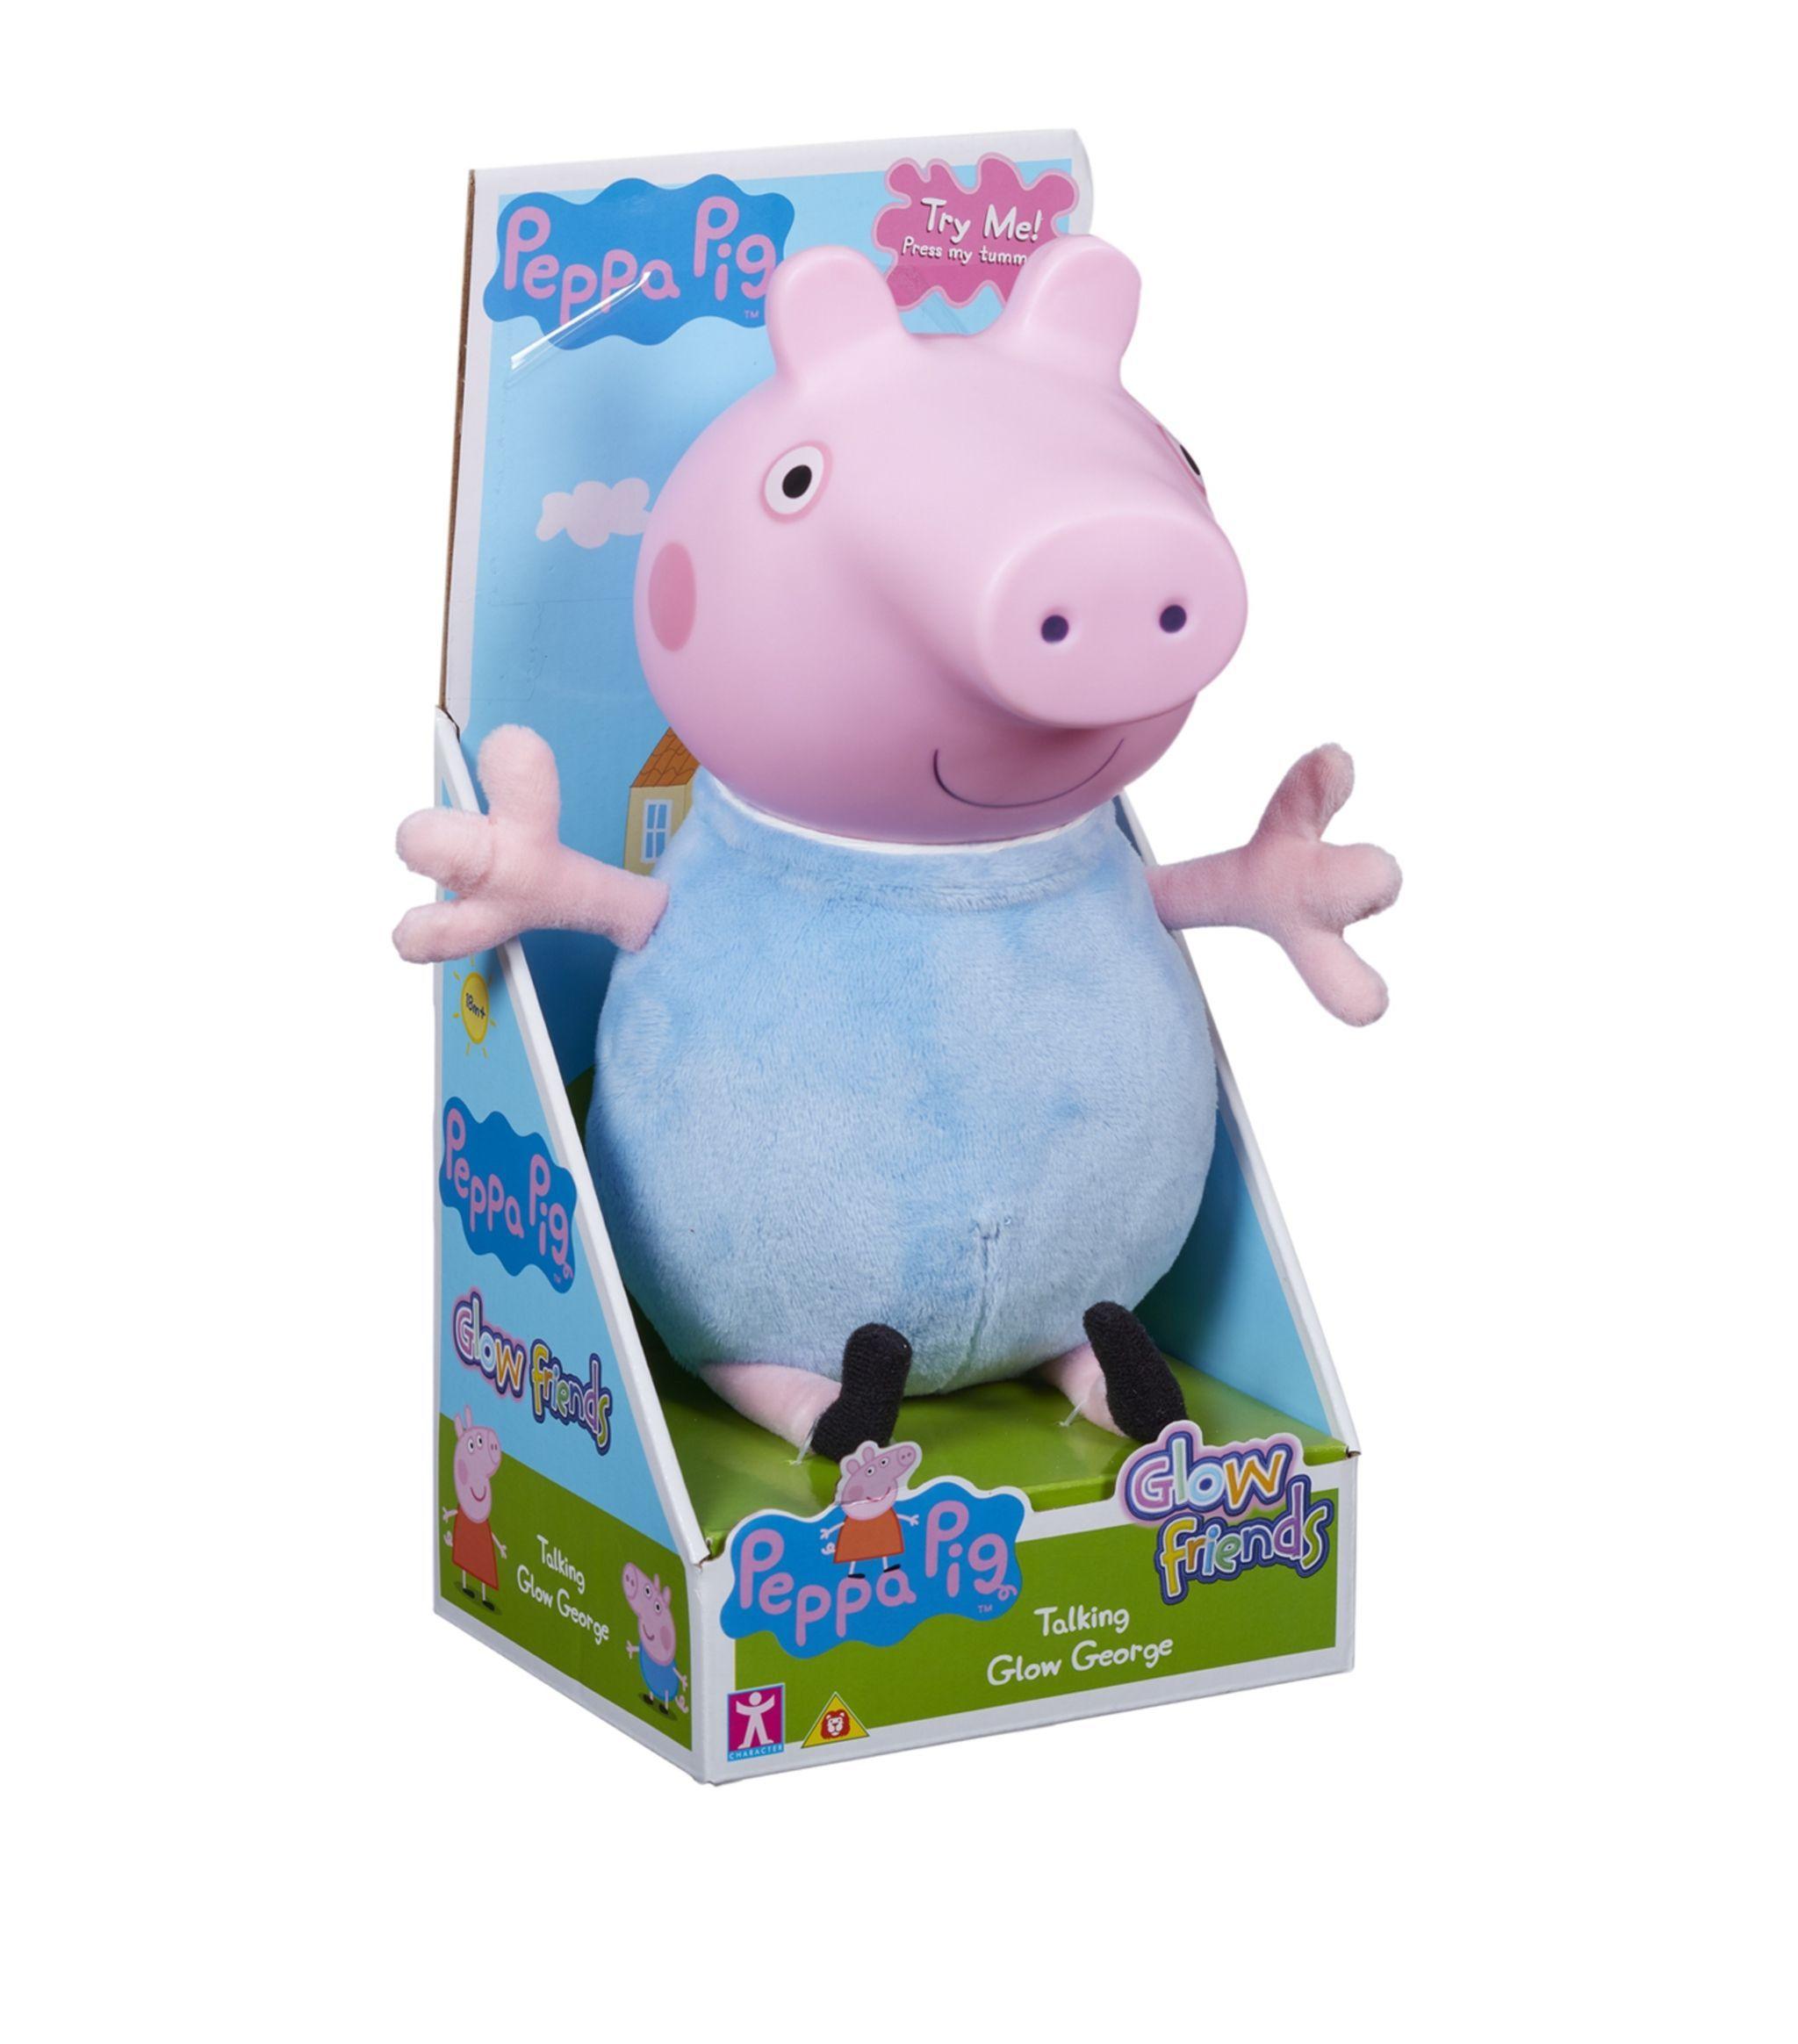 Peppa Pig Glow Friends Talking Glow George Ad Affiliate Glow Pig Peppa George Talking Peppa Pig Soft Toy Pig Peppa Pig [ 2328 x 2048 Pixel ]